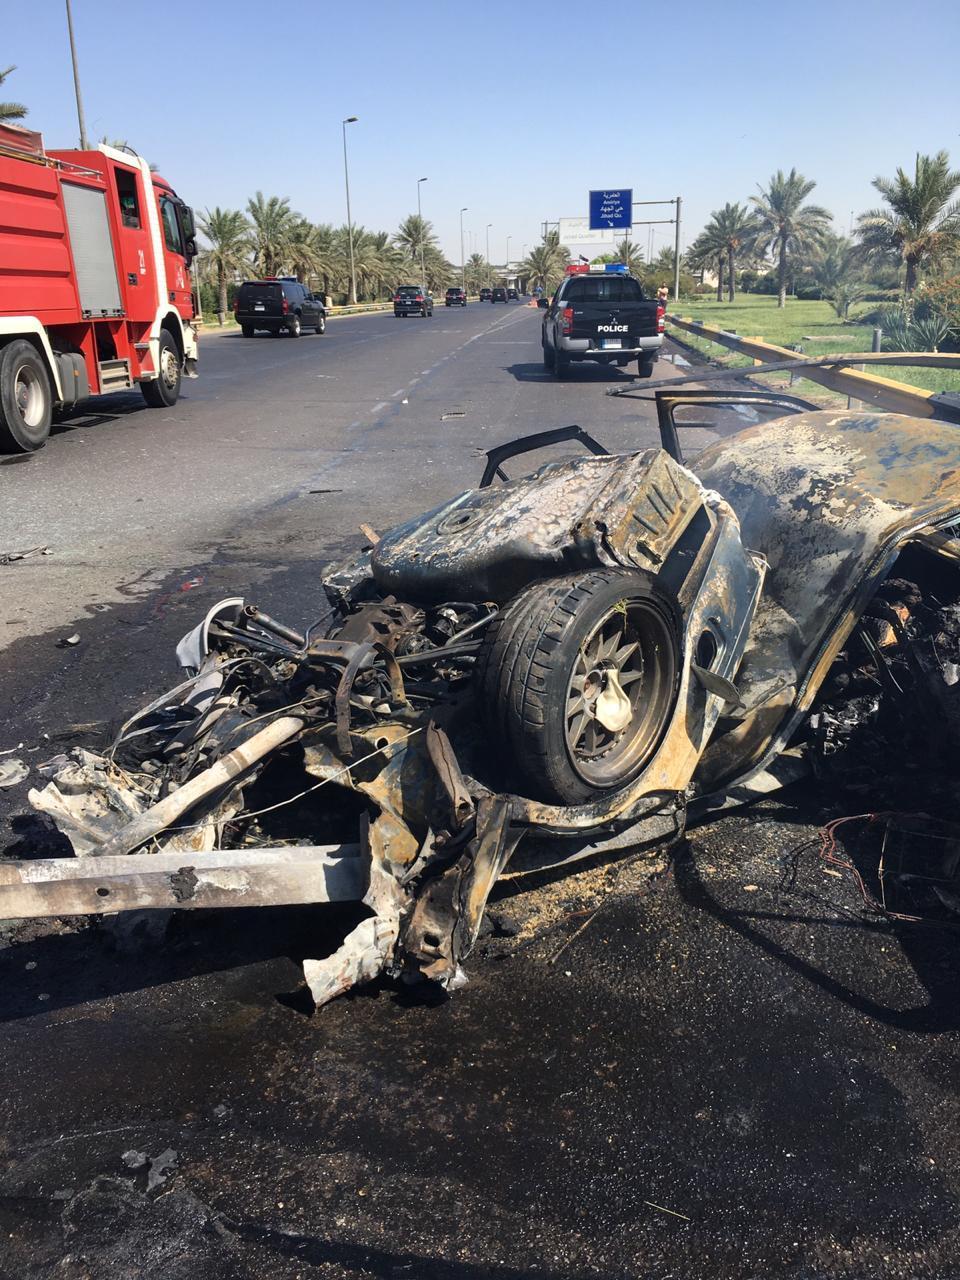 بالصور ..  حادث مروري مروع يودي بحياة شخصين على طريق مطار بغداد الدولي